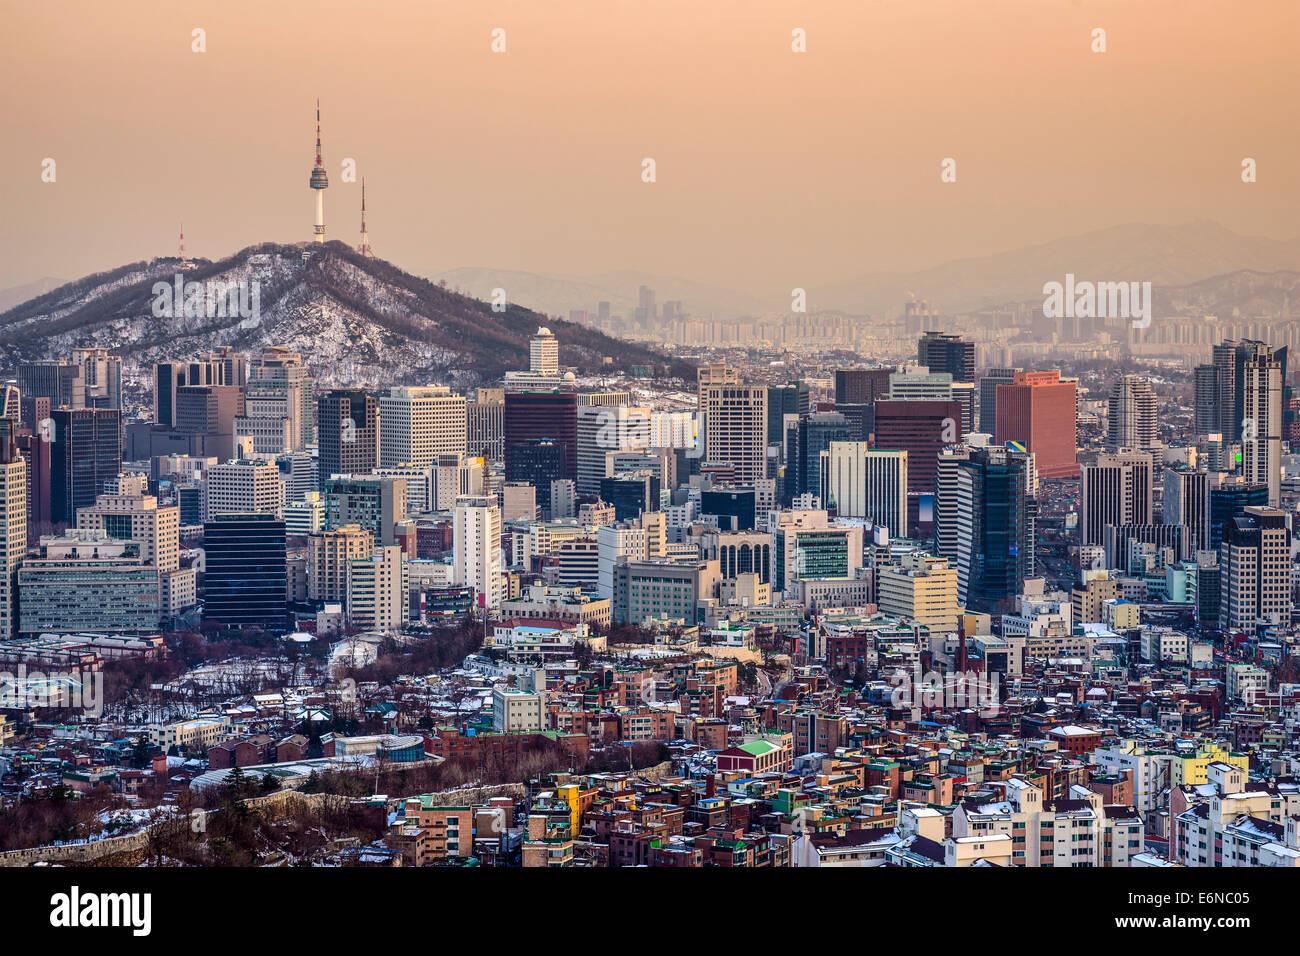 Skyline der Stadt Seoul, Südkorea. Stockbild